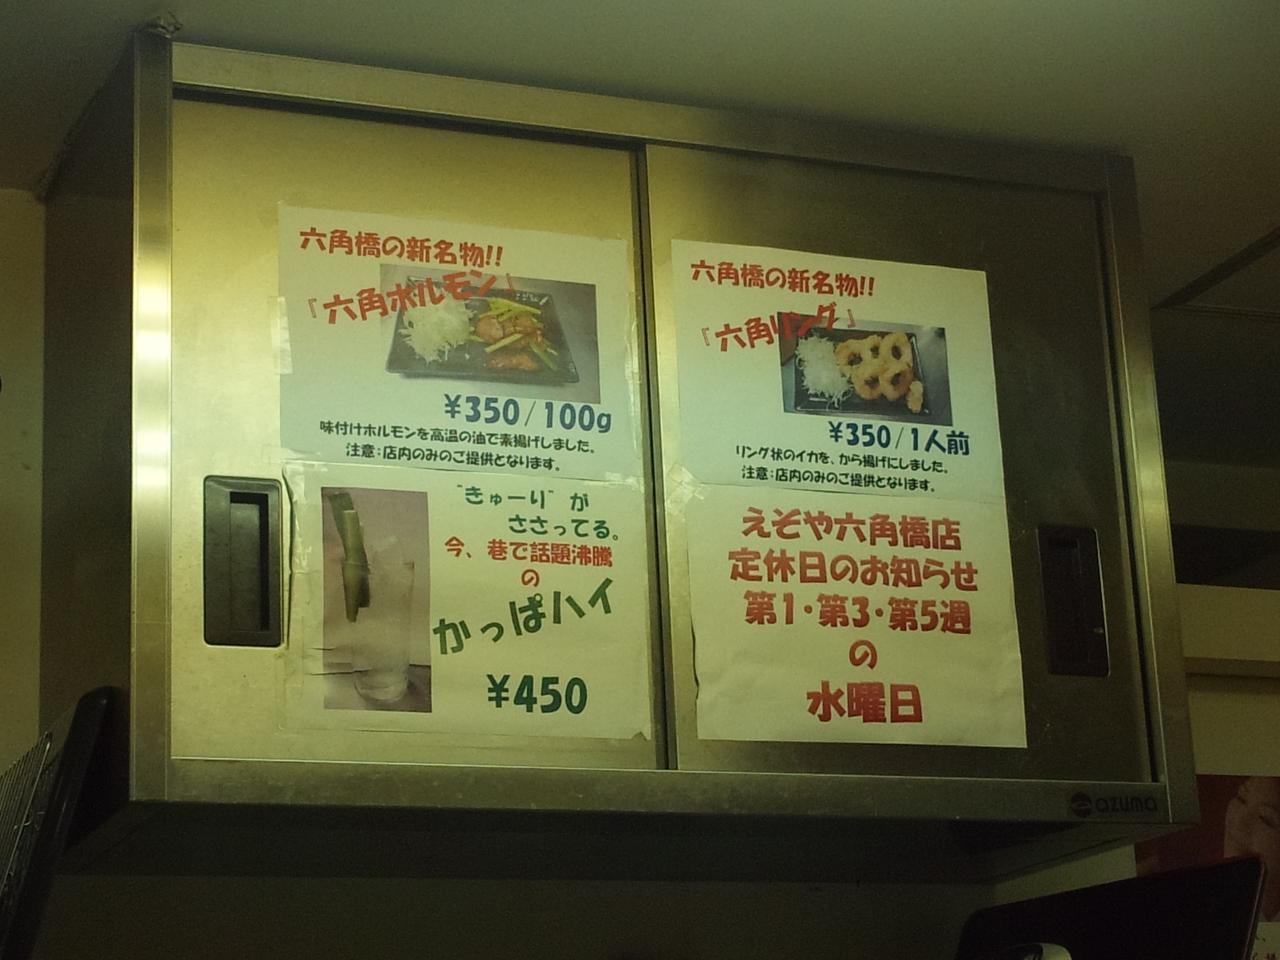 えぞや六角橋店(新メニュー)